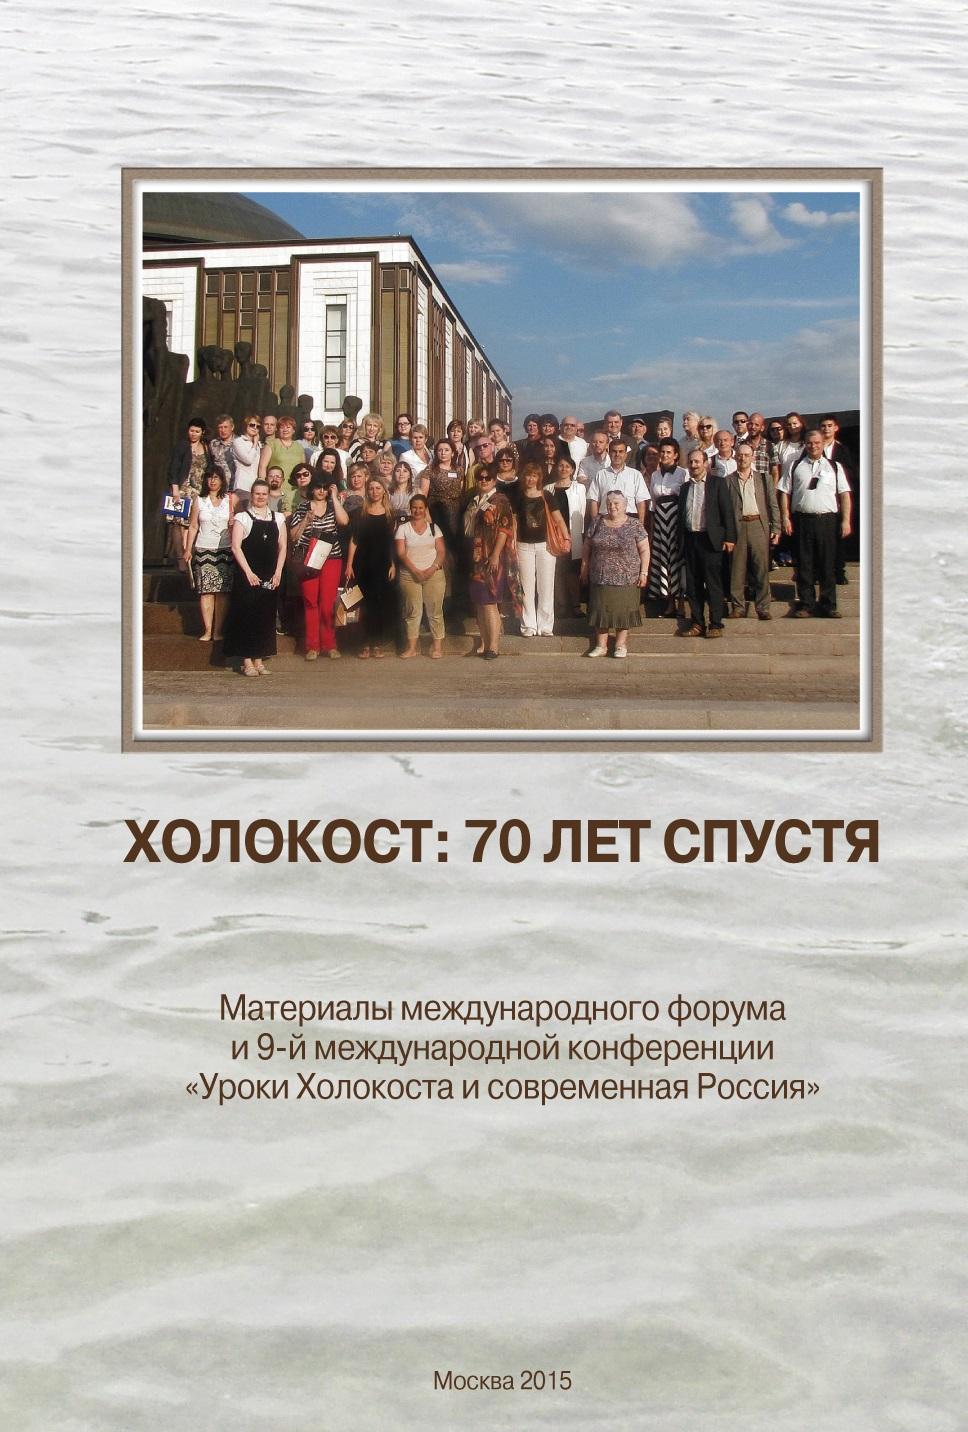 Холокост: 70 лет спустя